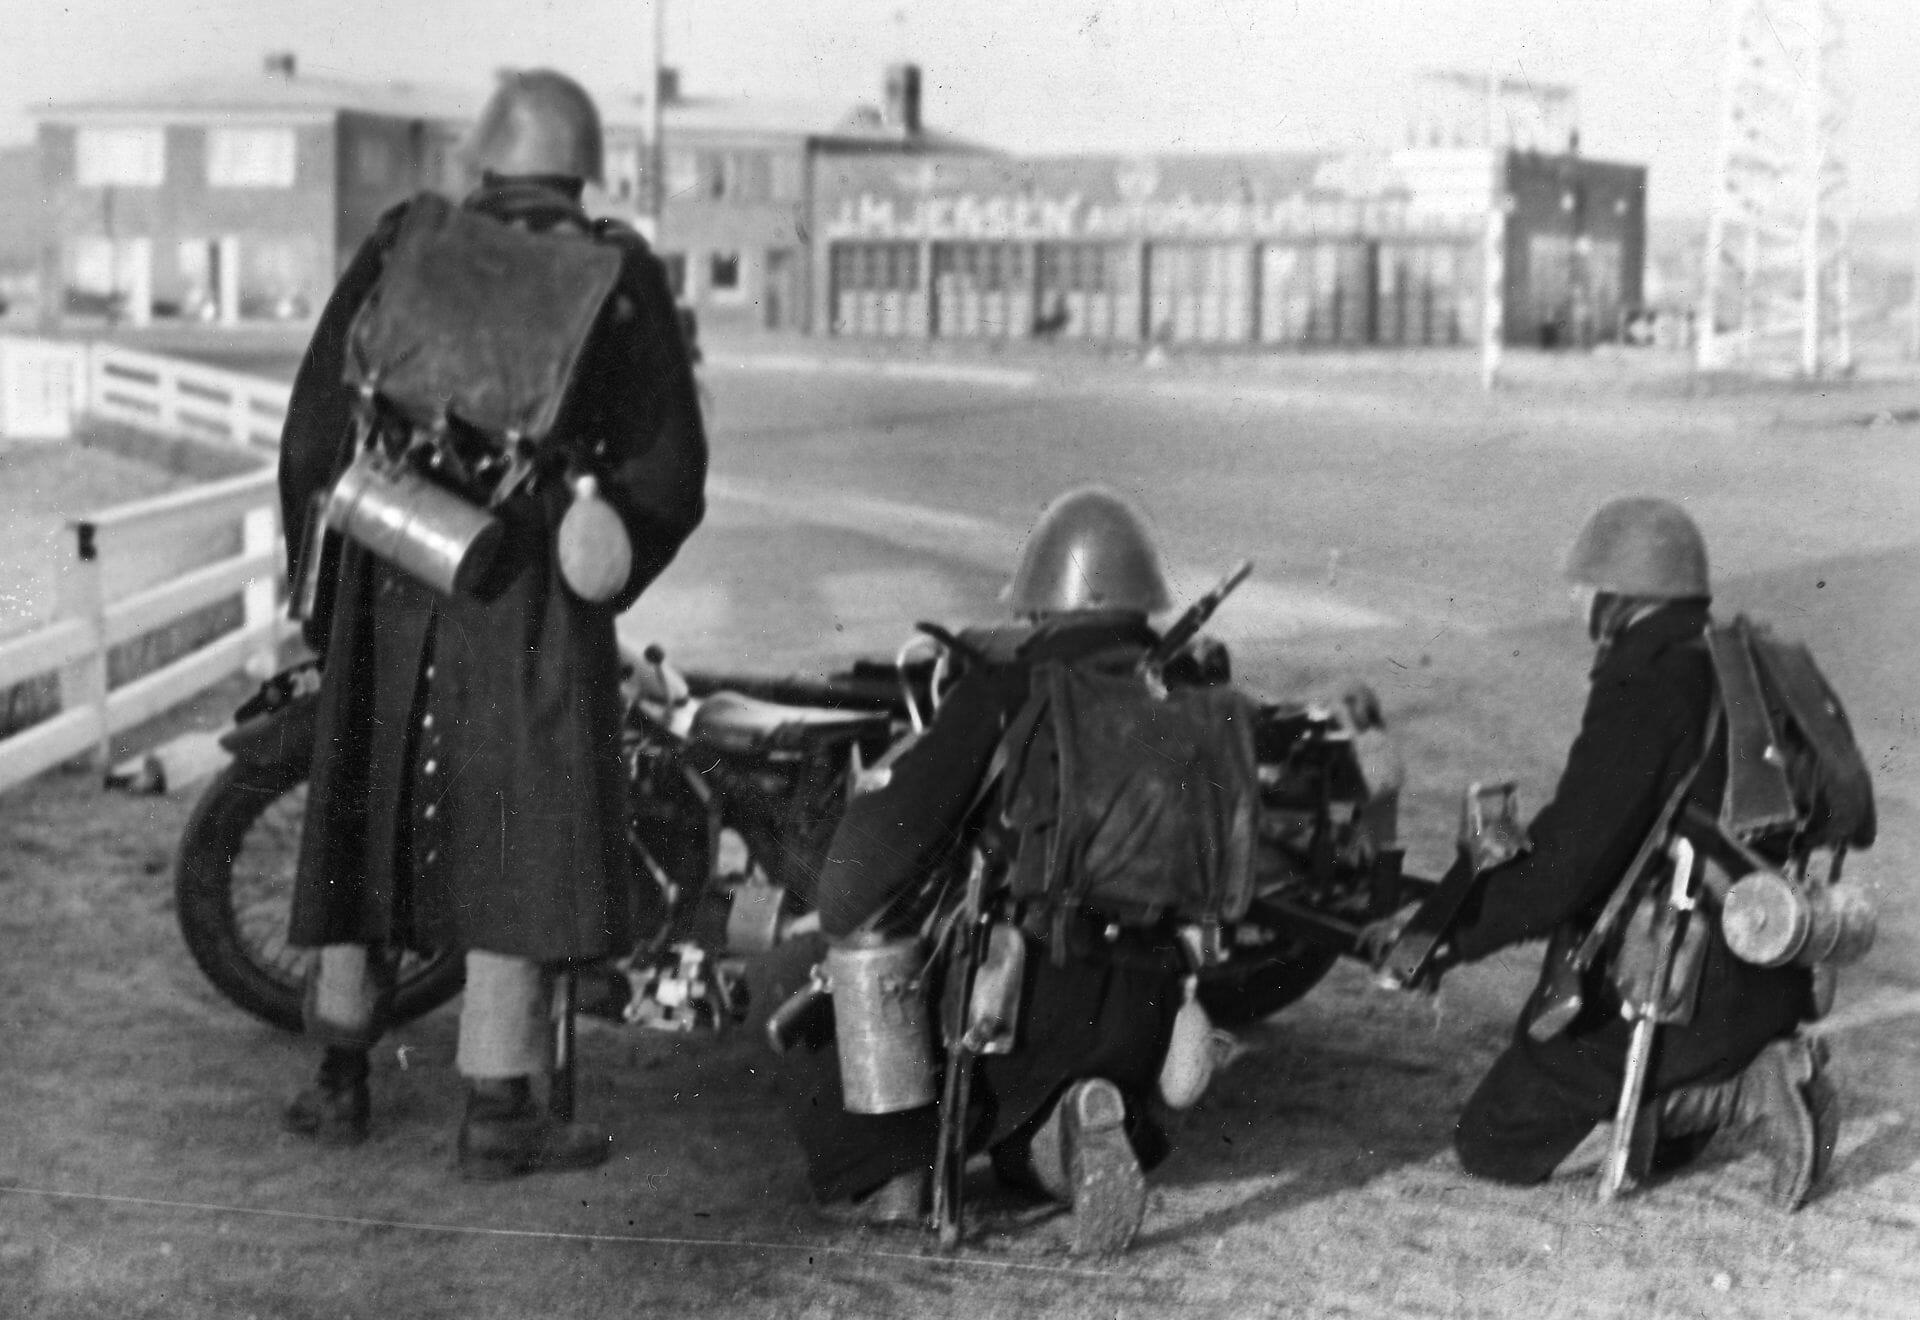 OVERBLIK: Sådan forløb besættelsen af Danmark 9. april